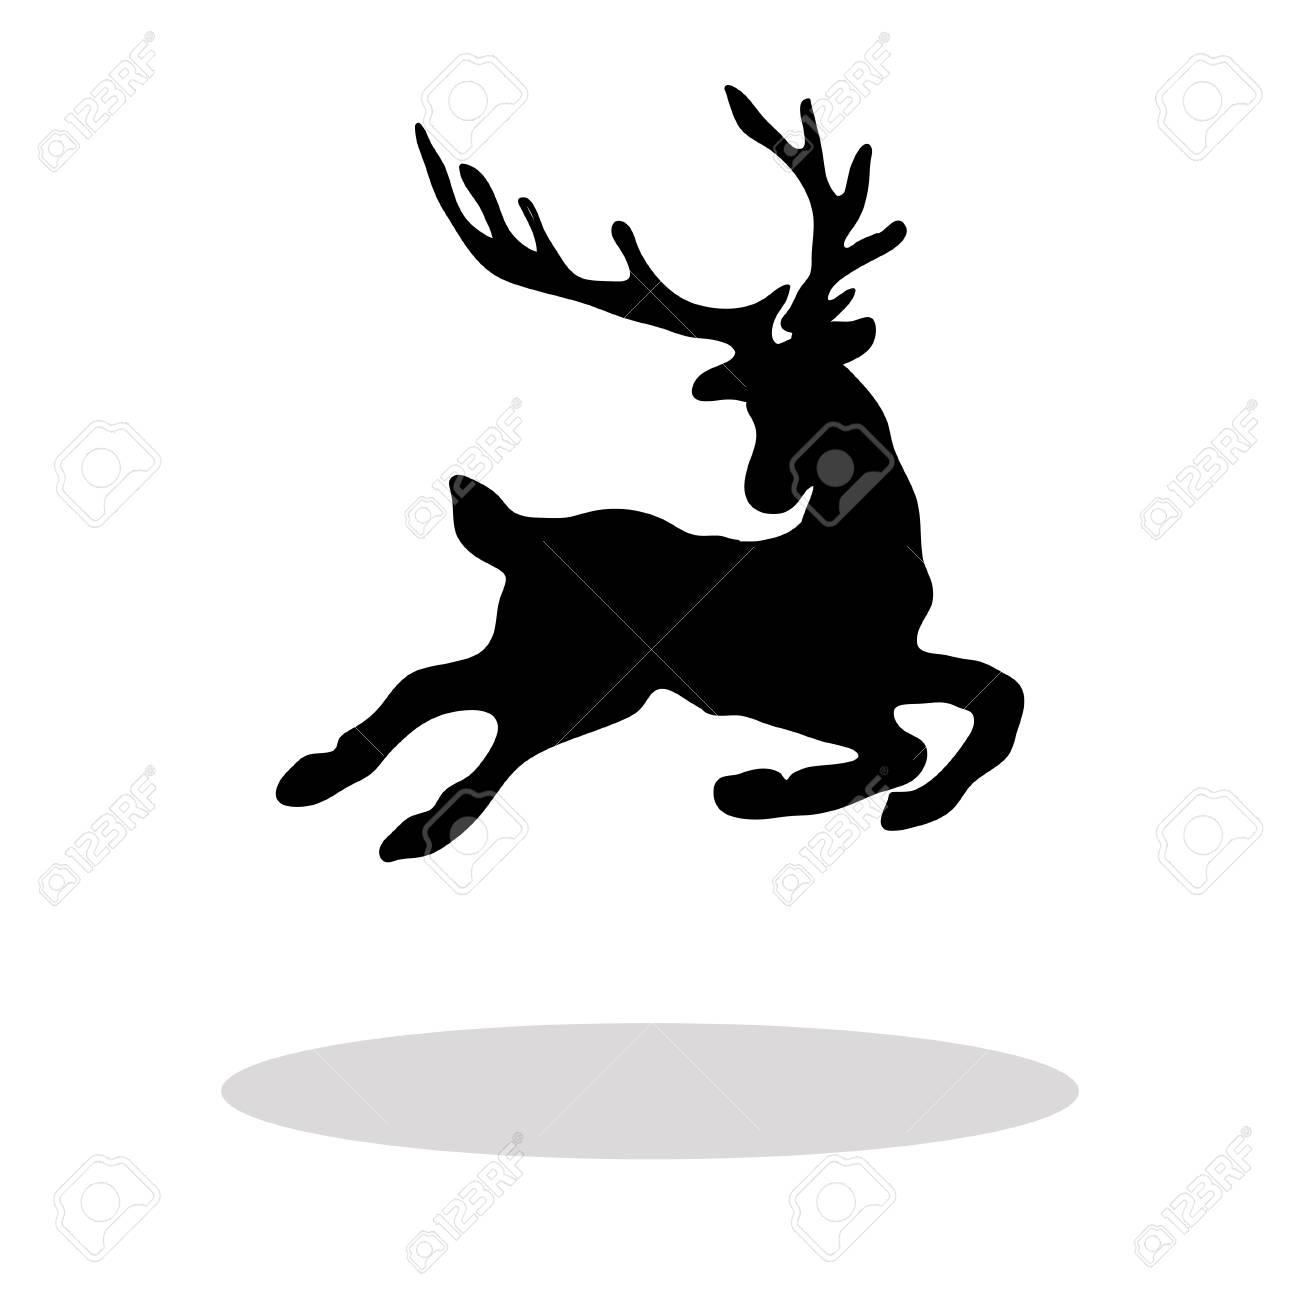 Schwarze Silhouette Weihnachten Rentier Weißen Hintergrund ...